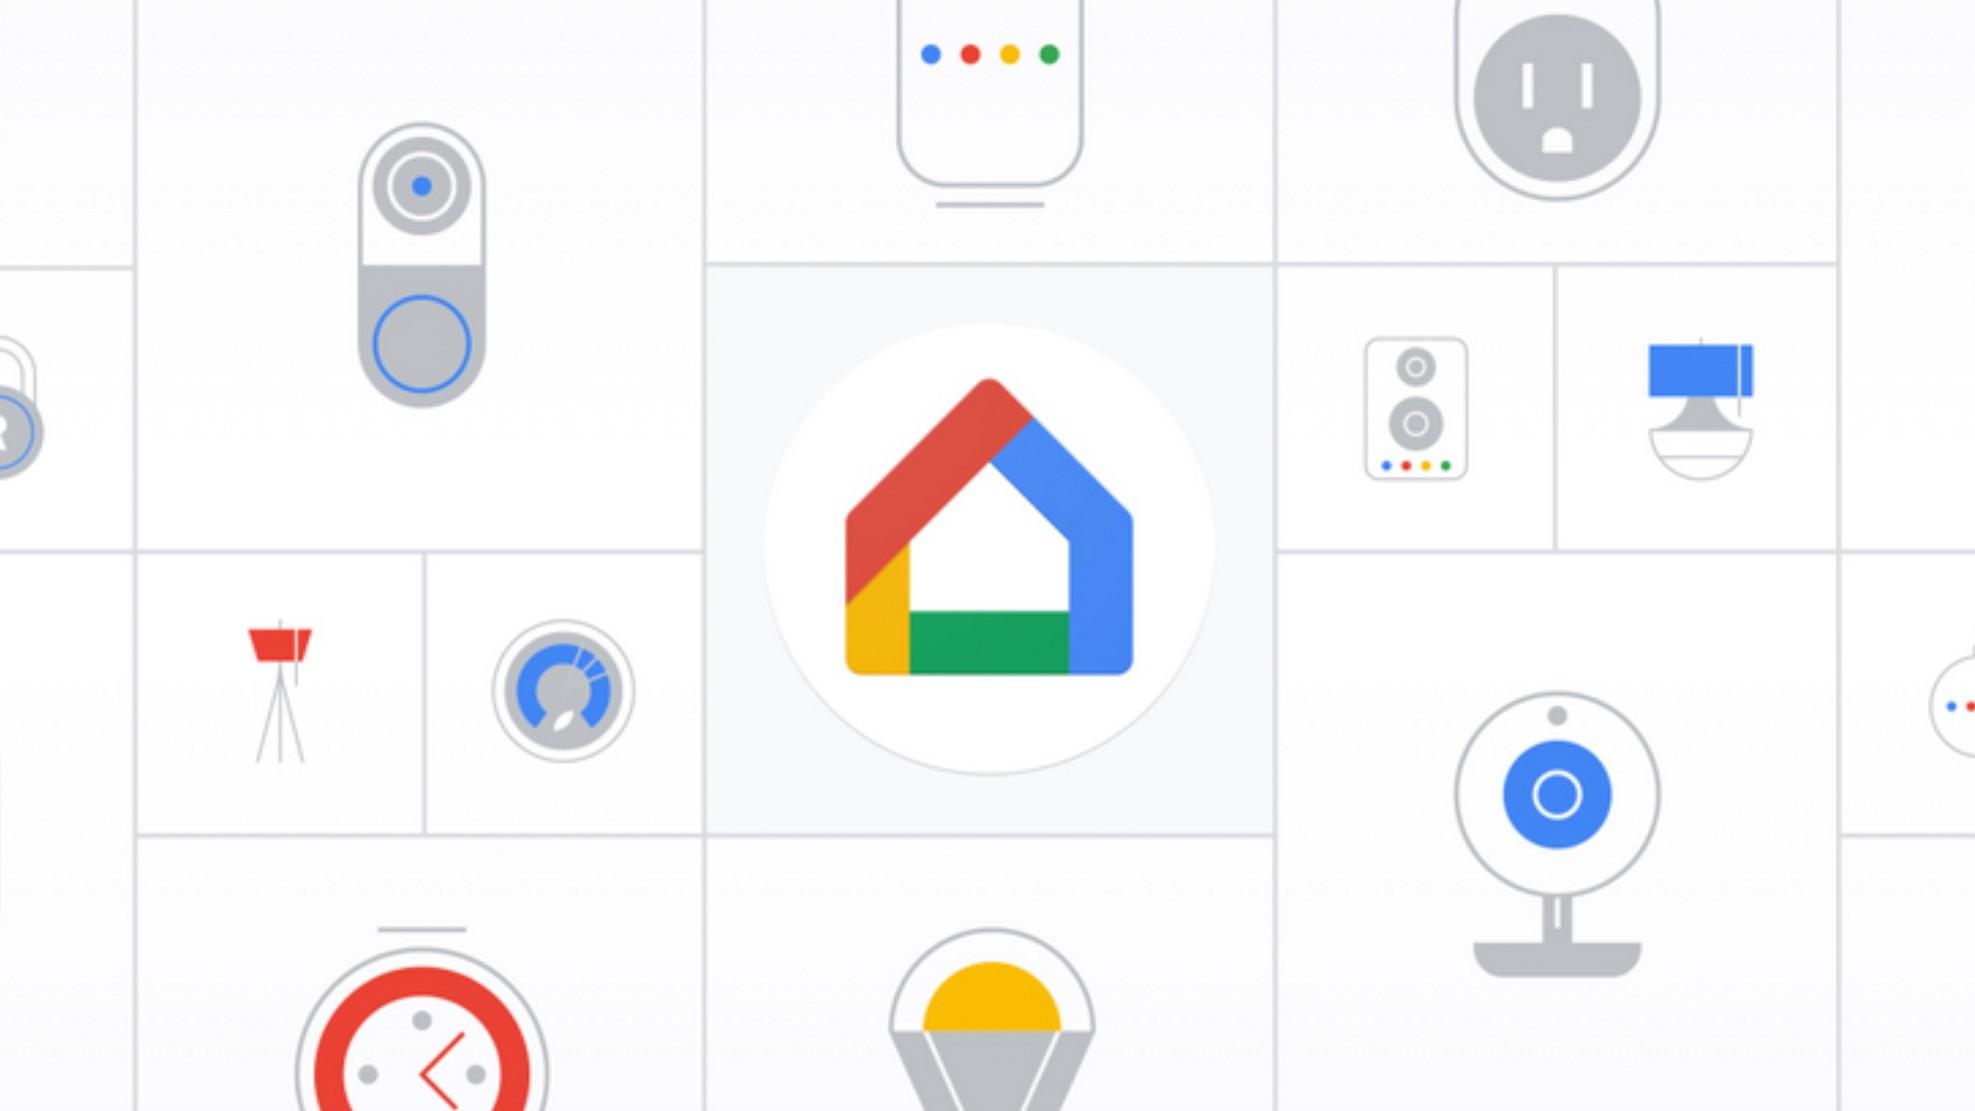 Приложение Google Home получило новый дизайн